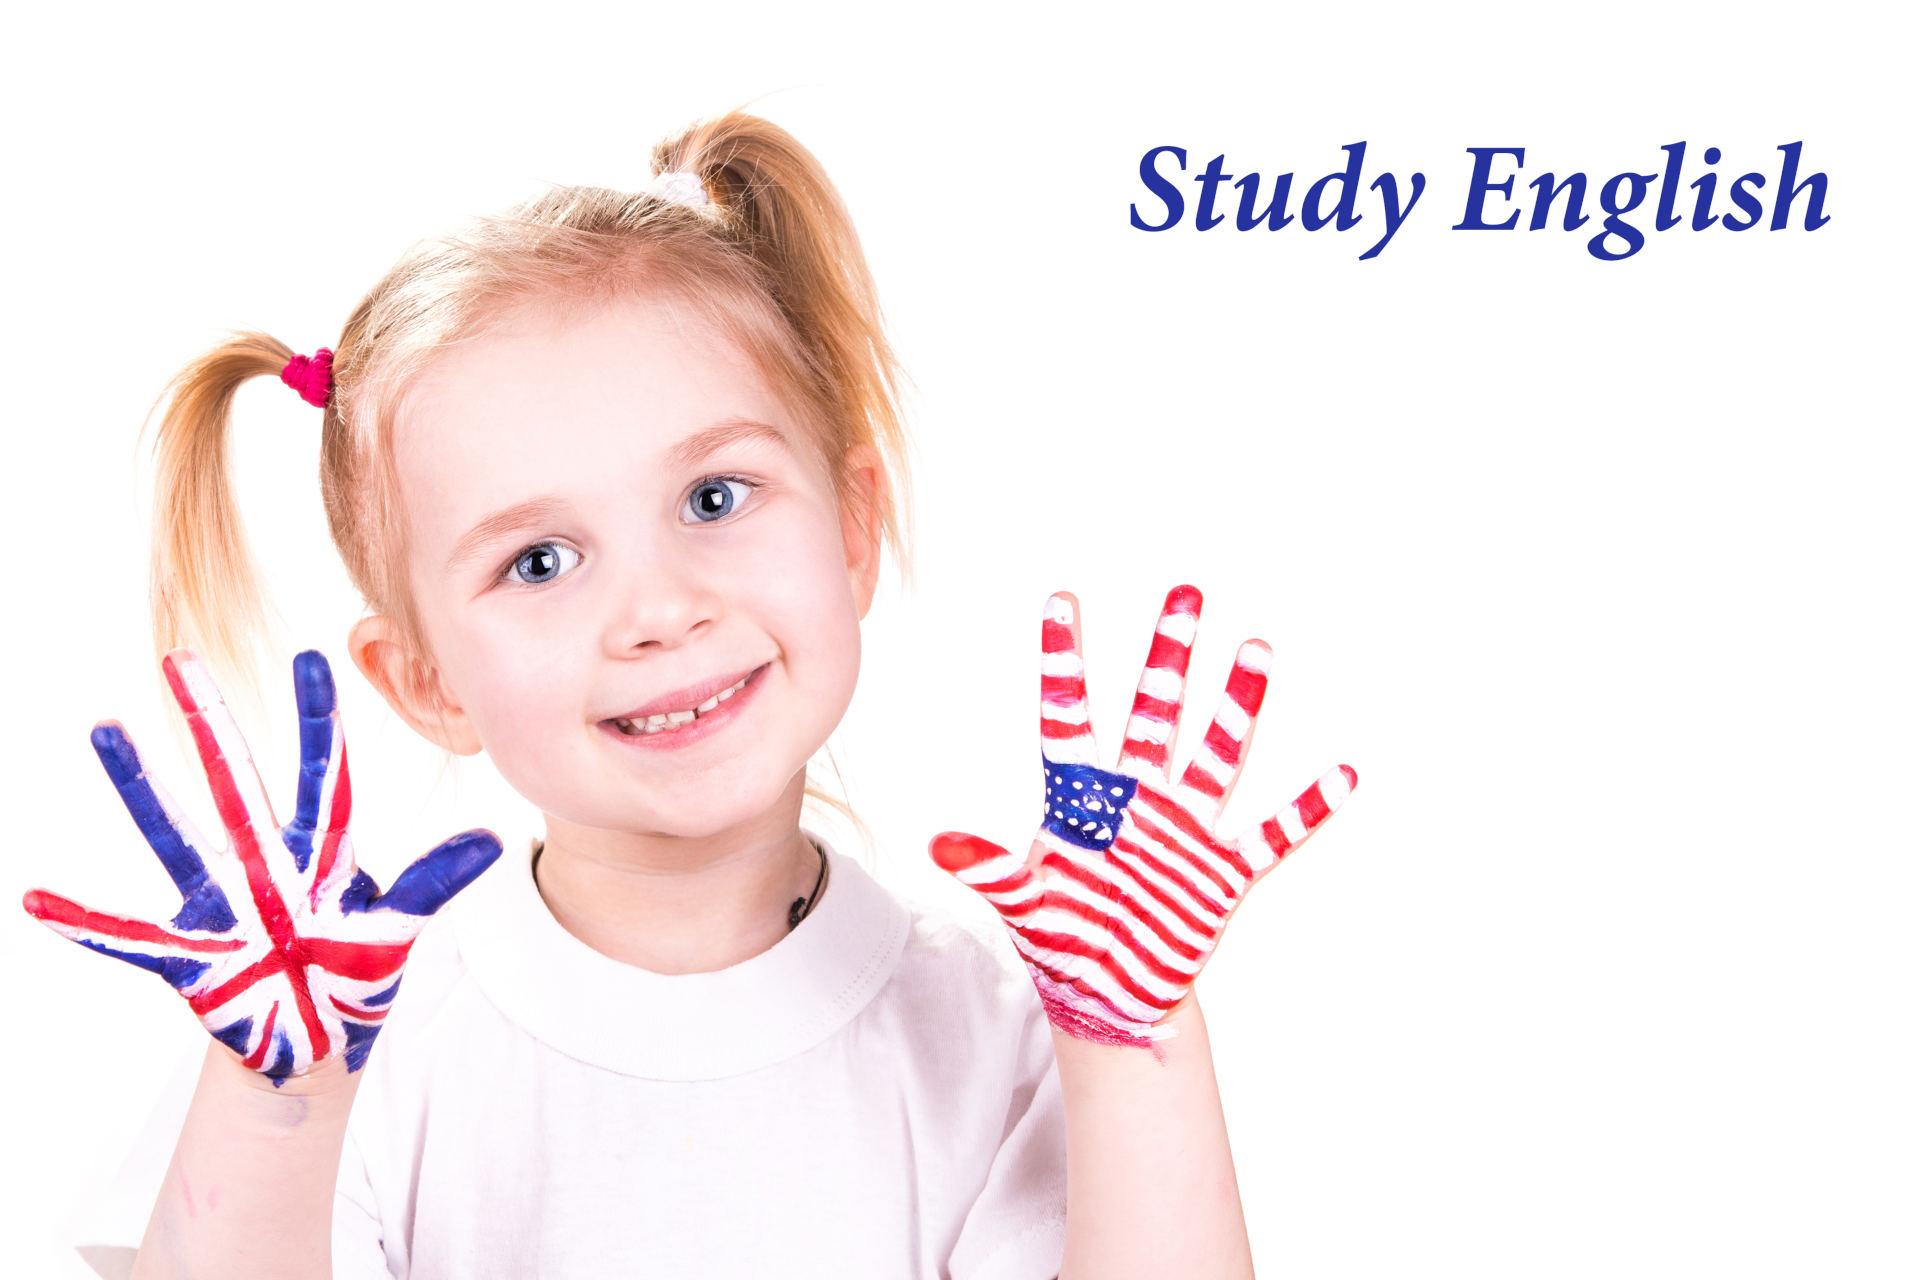 Escola d'anglés, cursos per a xiquets d'infantil